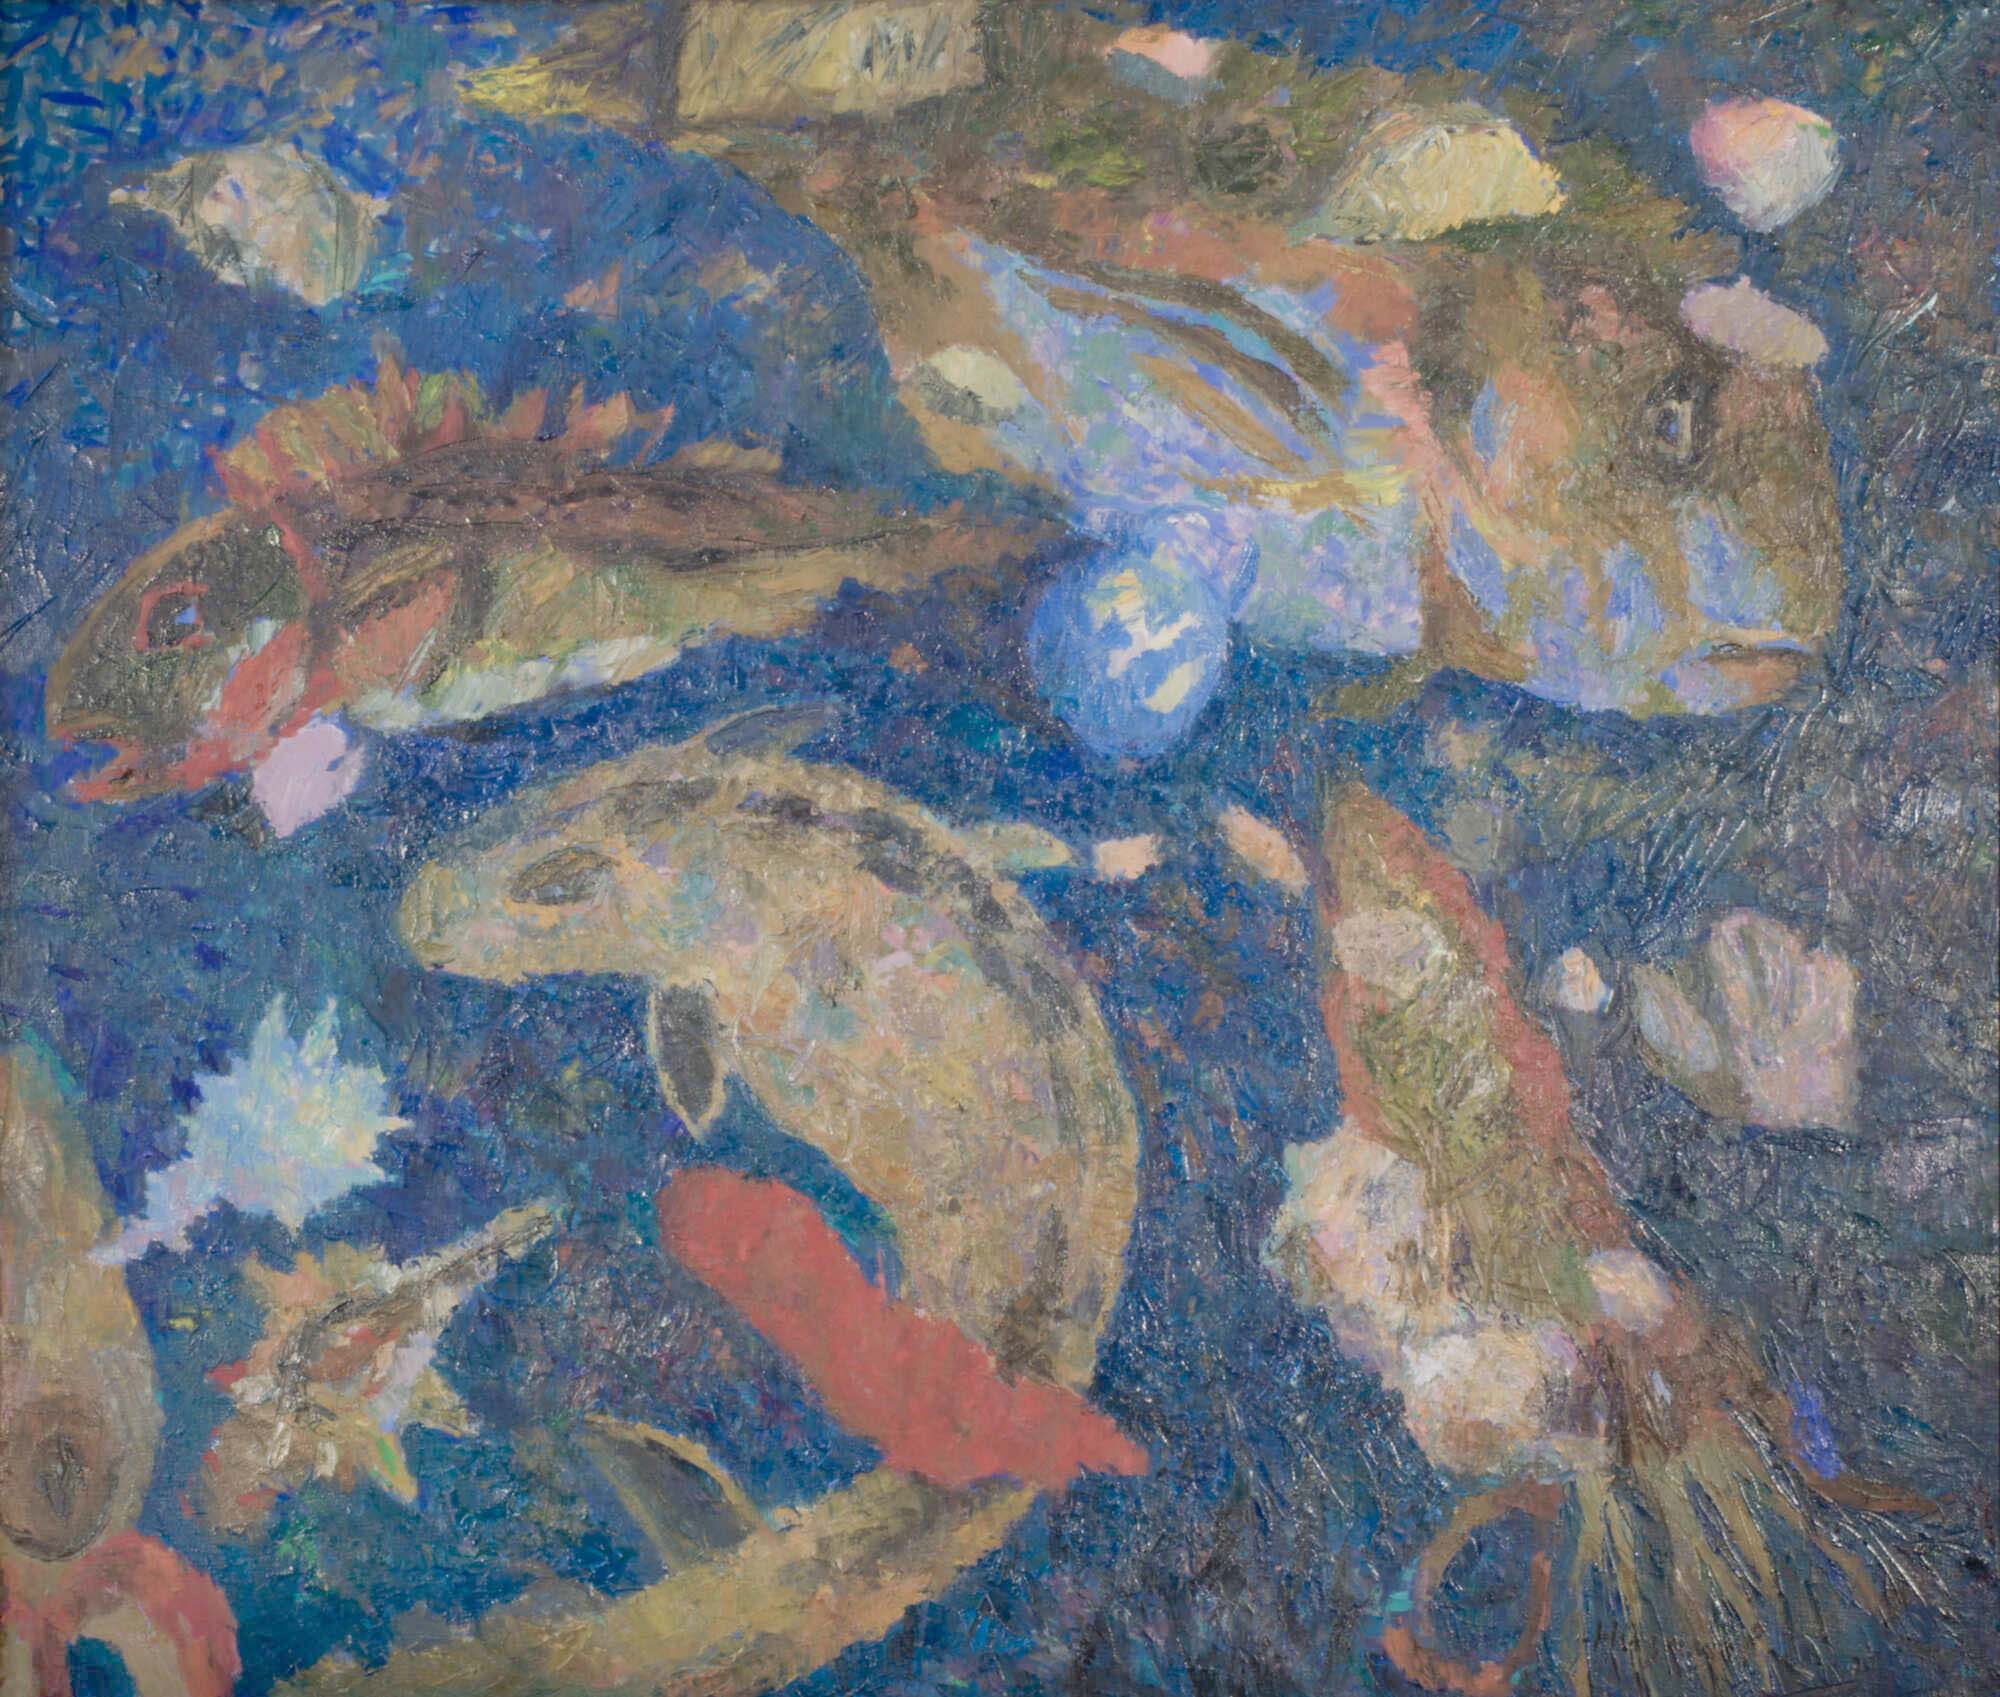 современная картина с изображением рыб